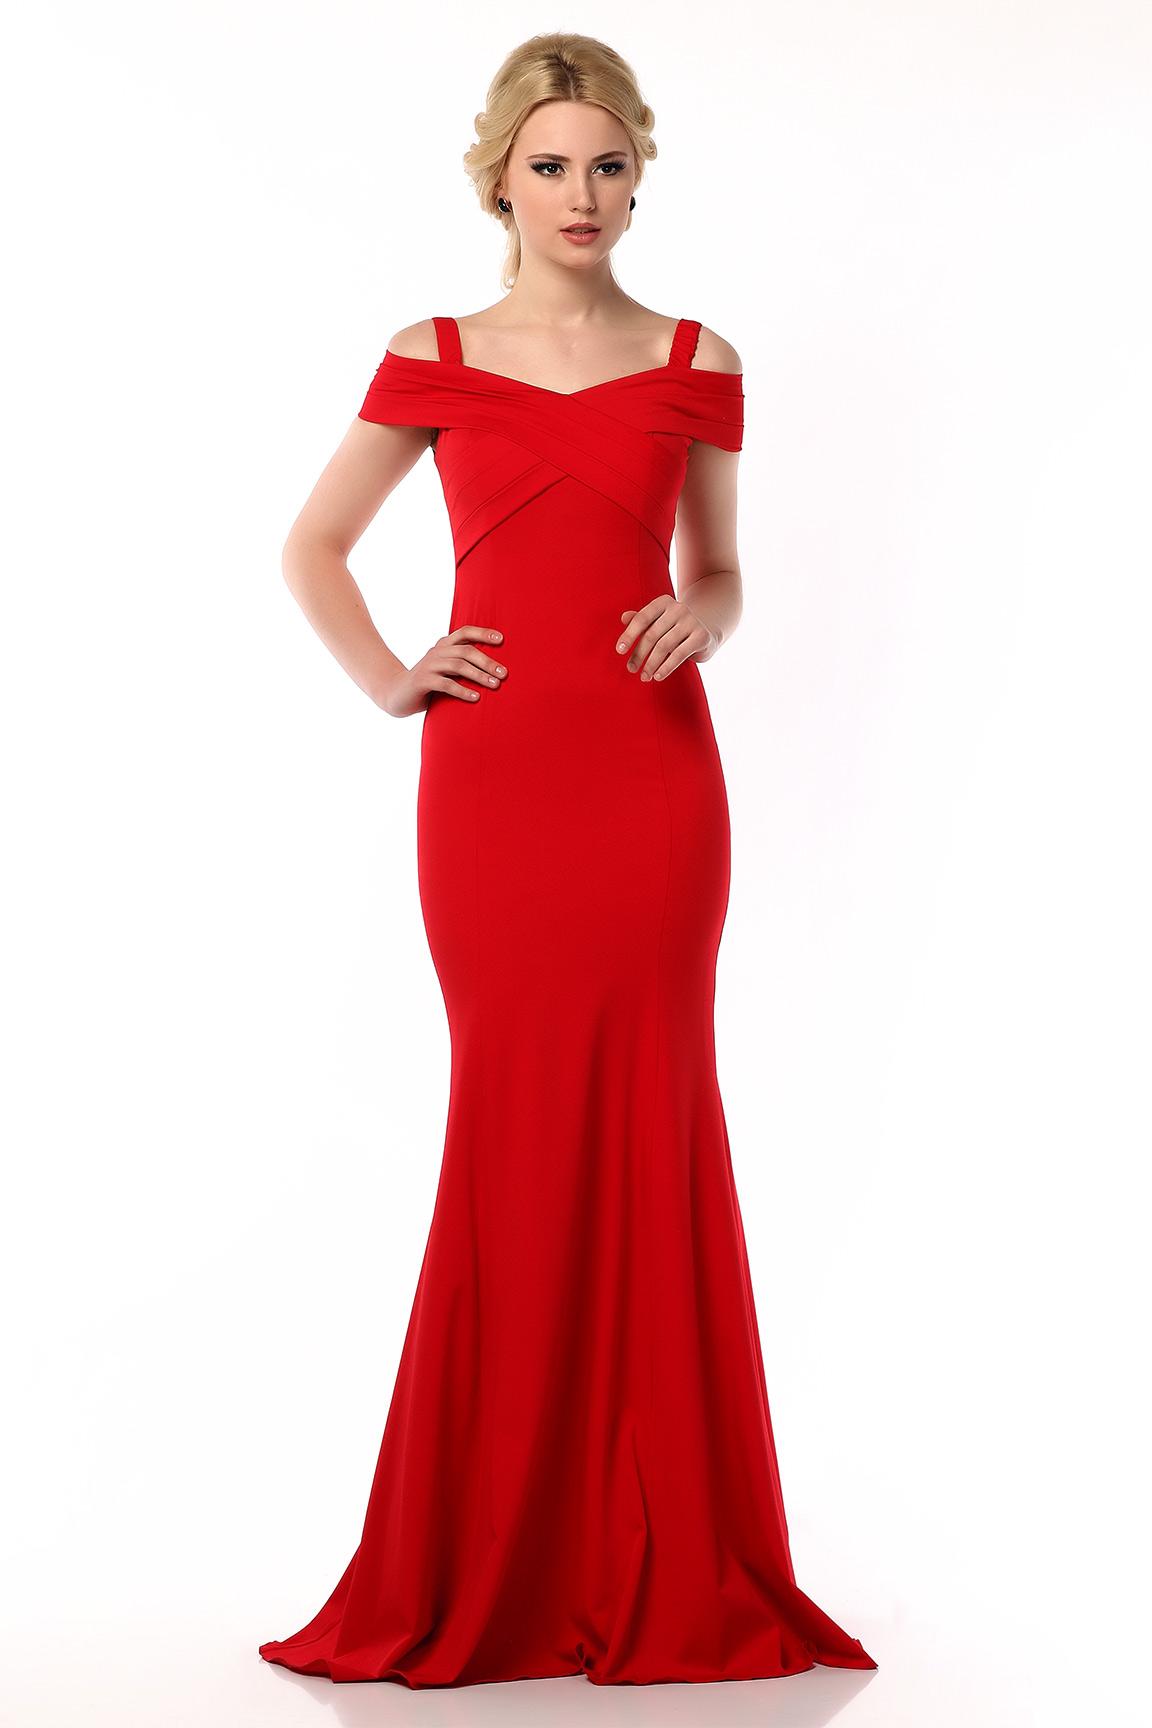 Kırmızı-abiye-gece-elbiseleri1.jpg